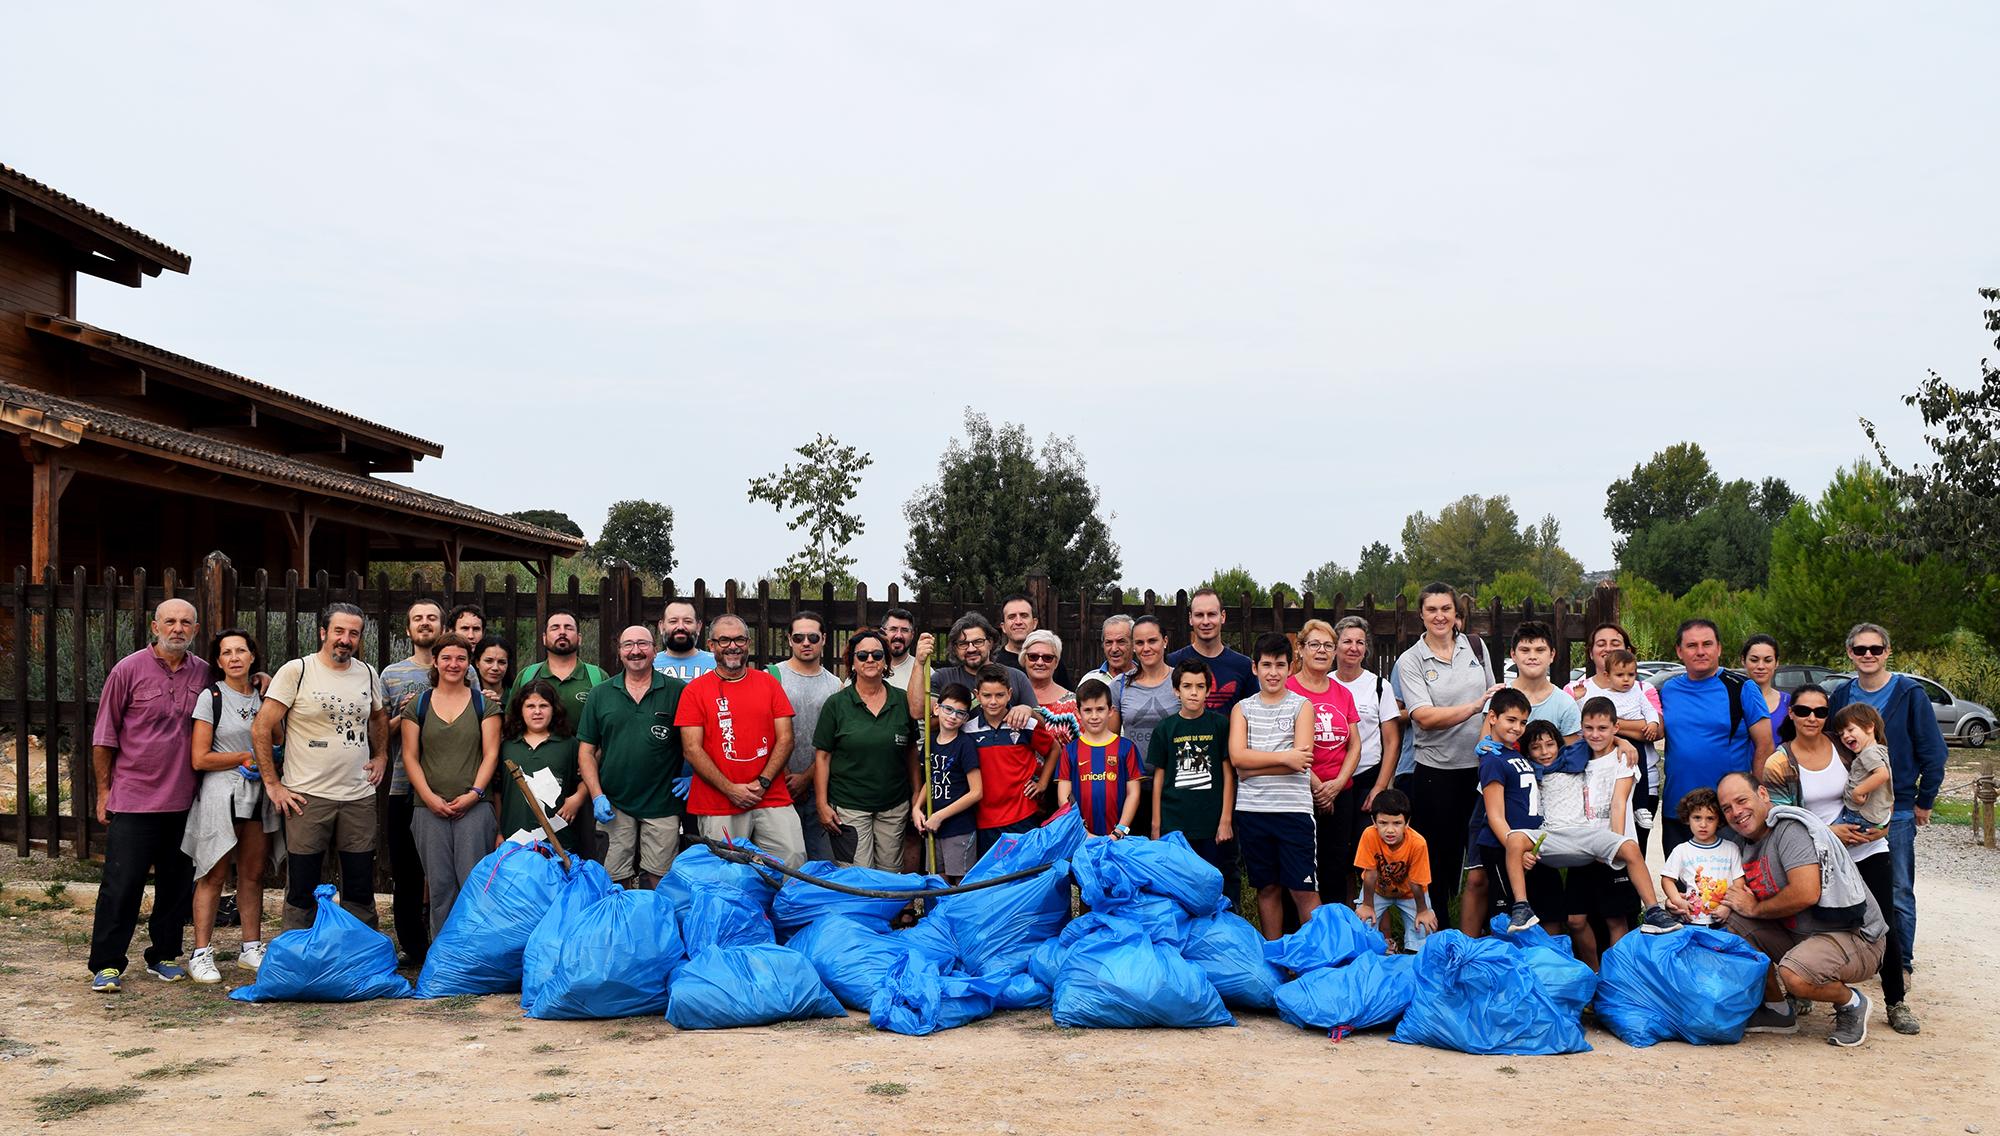 Ayer 46 voluntarios y voluntarias participaron en la limpieza de los caminos del río, para concienciar sobre la necesidad de mantener los espacios naturales en buen estado. Después tuvo lugar el trabajo de campo para analizar el estado ecológico del agua, con unos resultados óptimos.